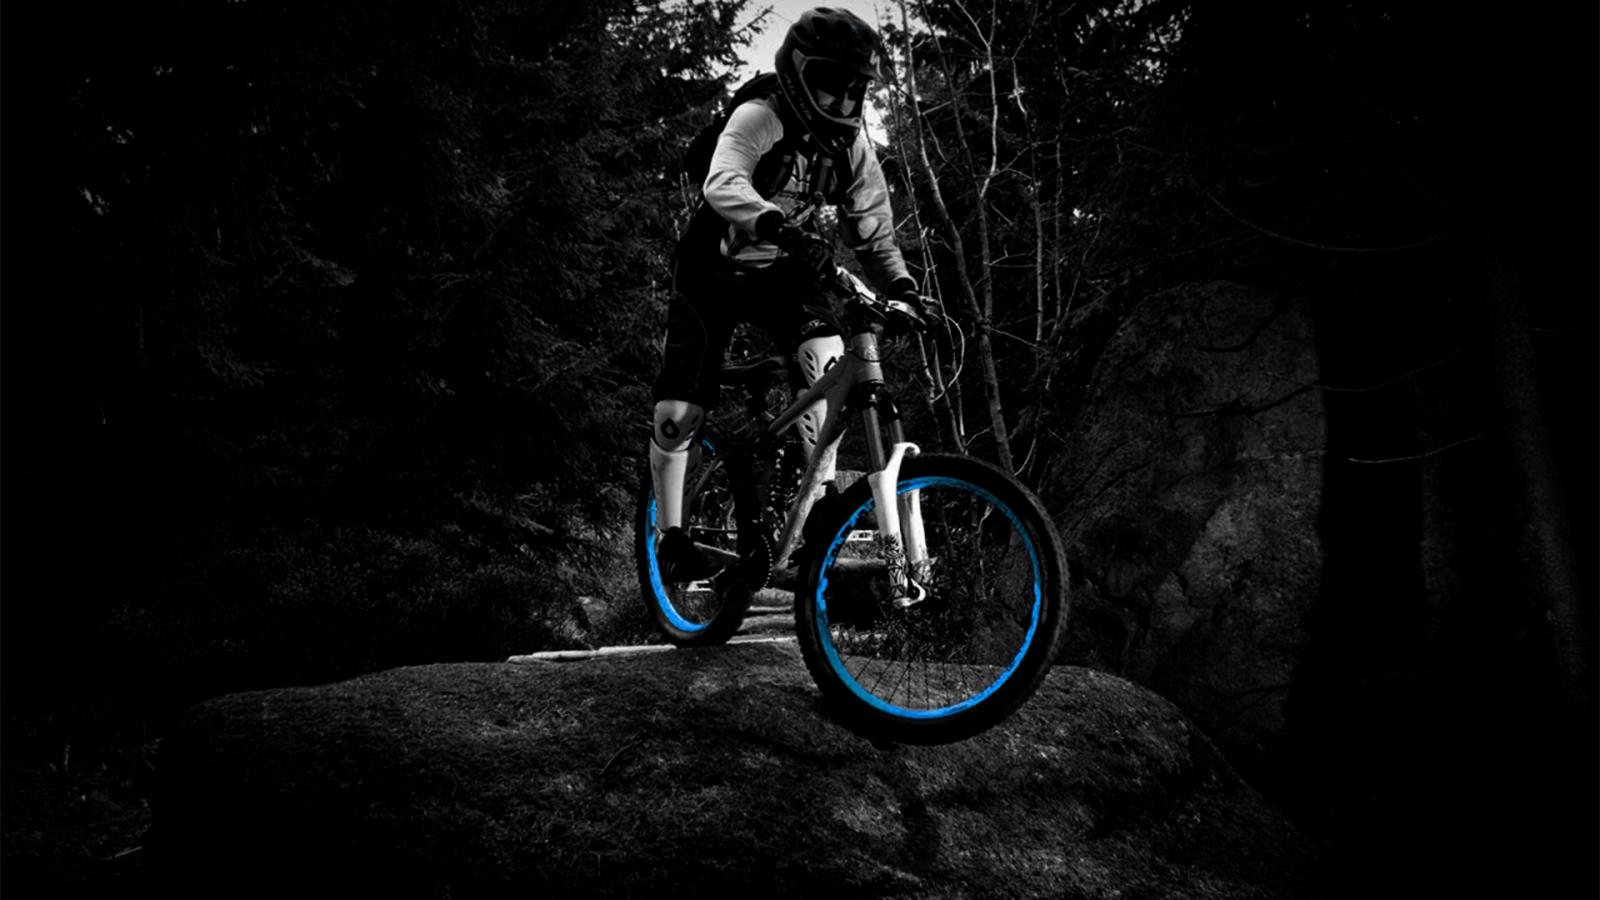 539915f6004b5_bike1.jpg